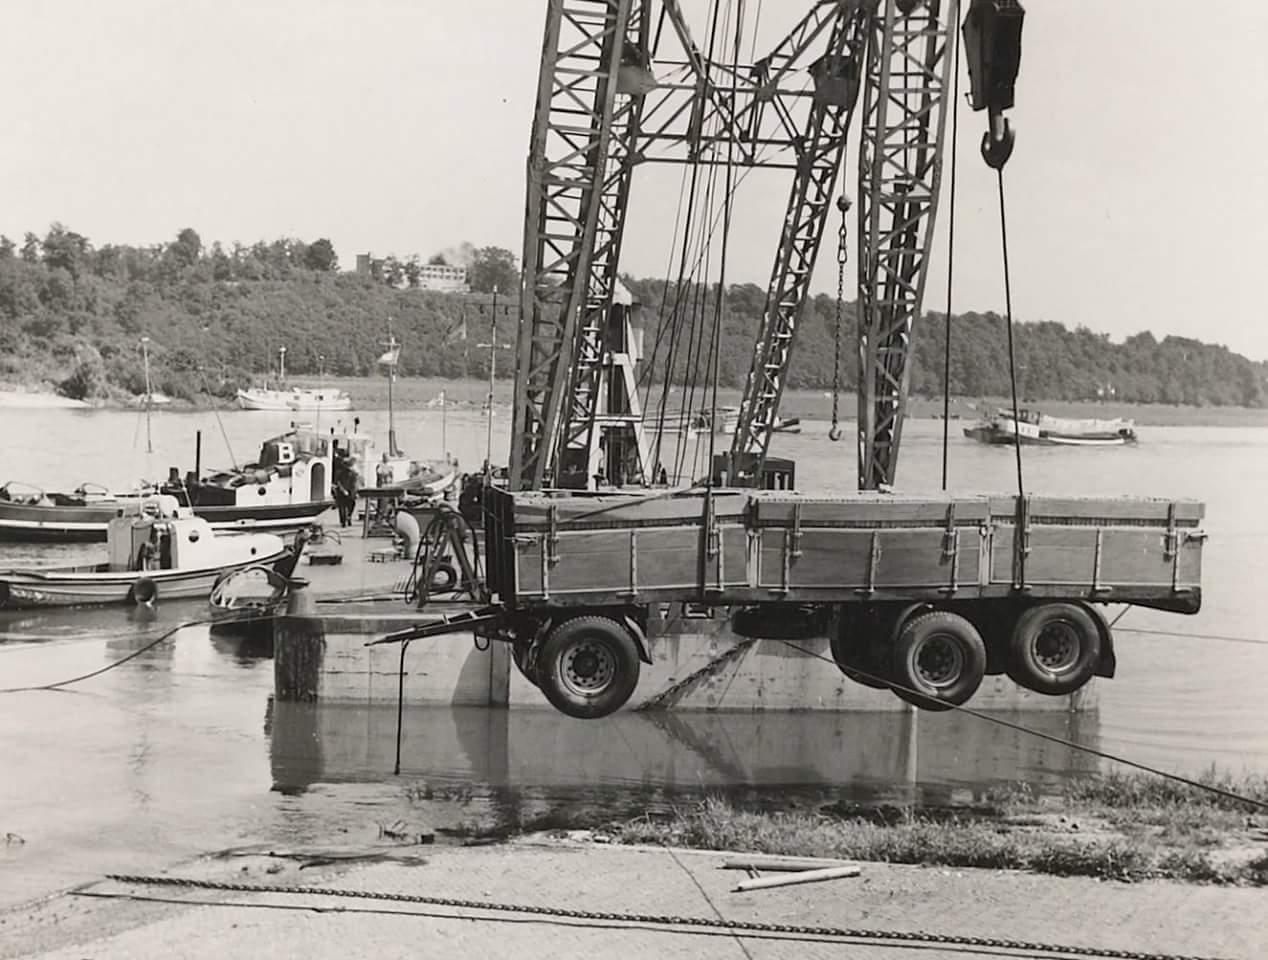 Schade-1957--foto-gemaakt-door-Jac-Rauws-ingezonden-door-Willem-Ruisch-Veerpont-Lexkesveer-Eageningen-Randwijk-